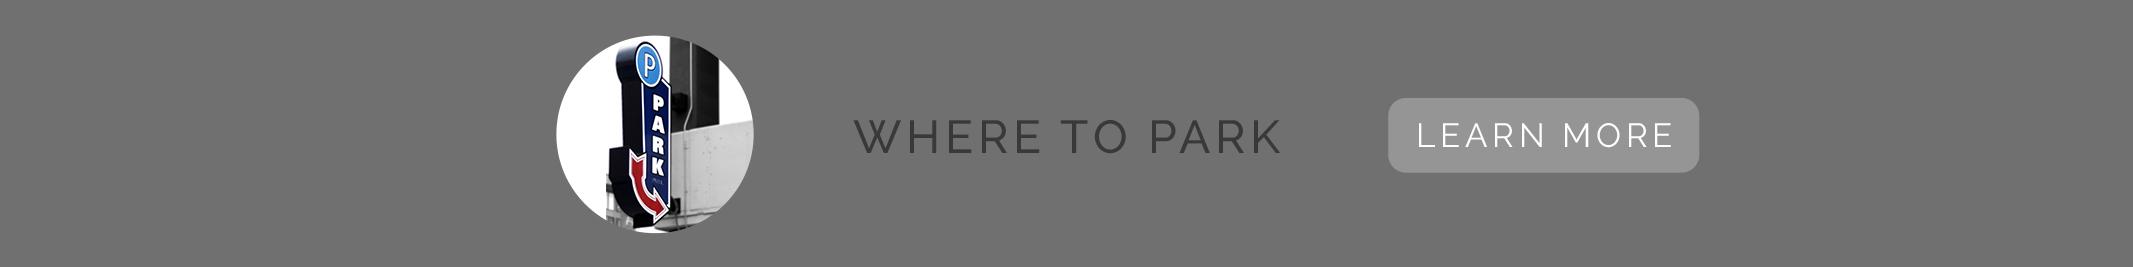 banner_bar_parking.jpg